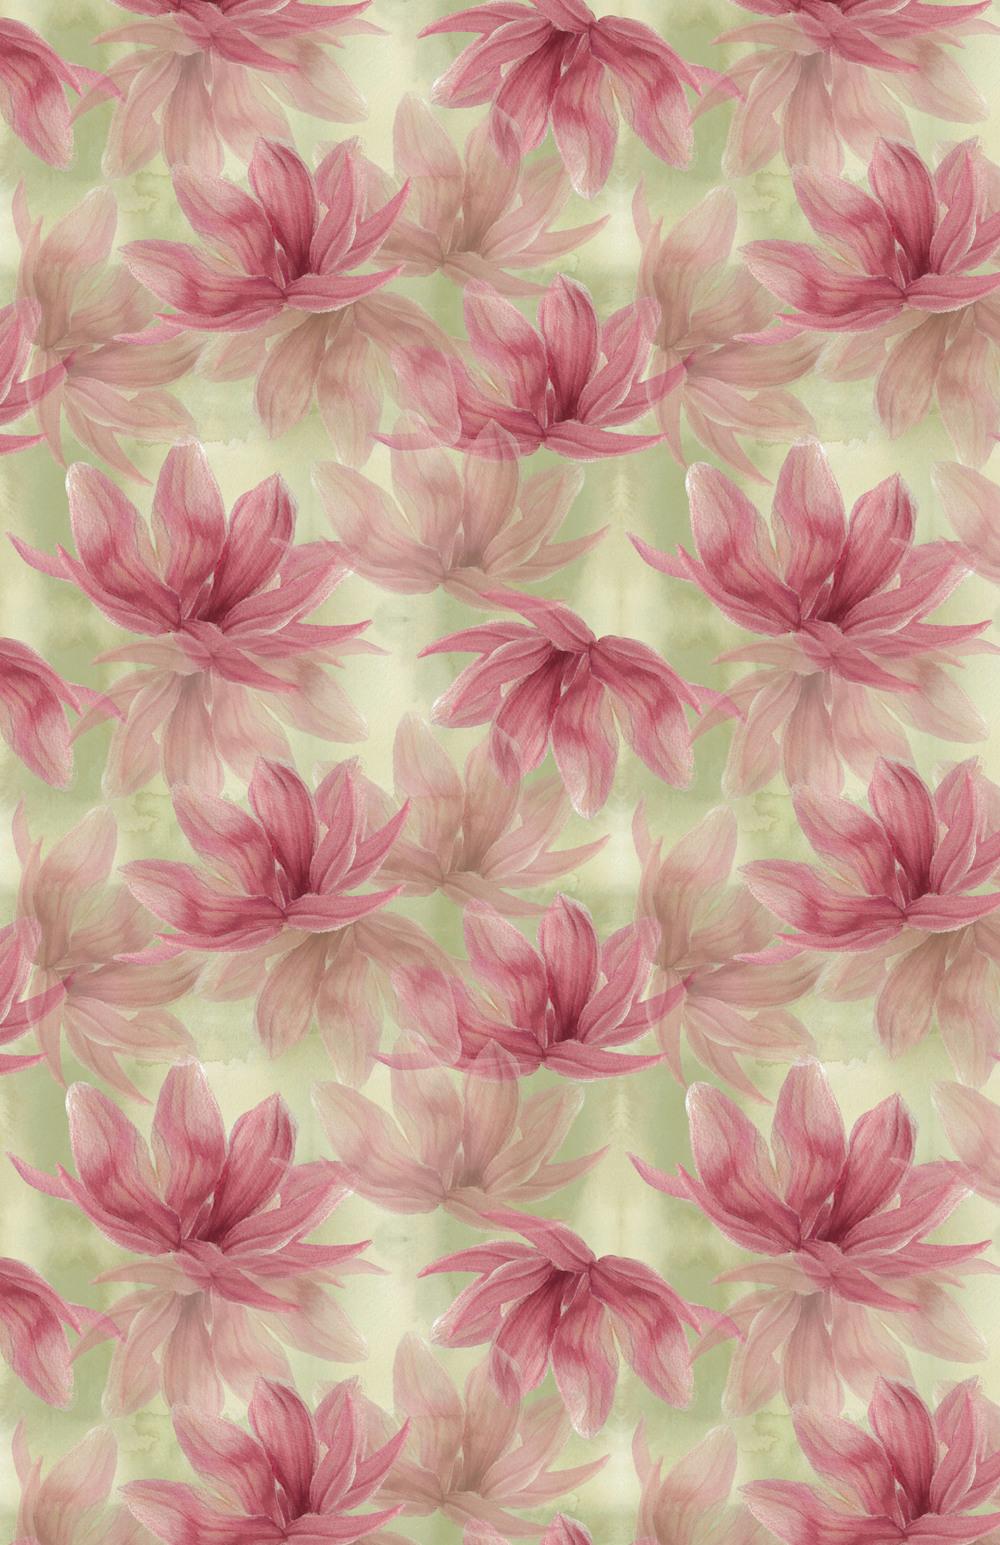 falling magnolia